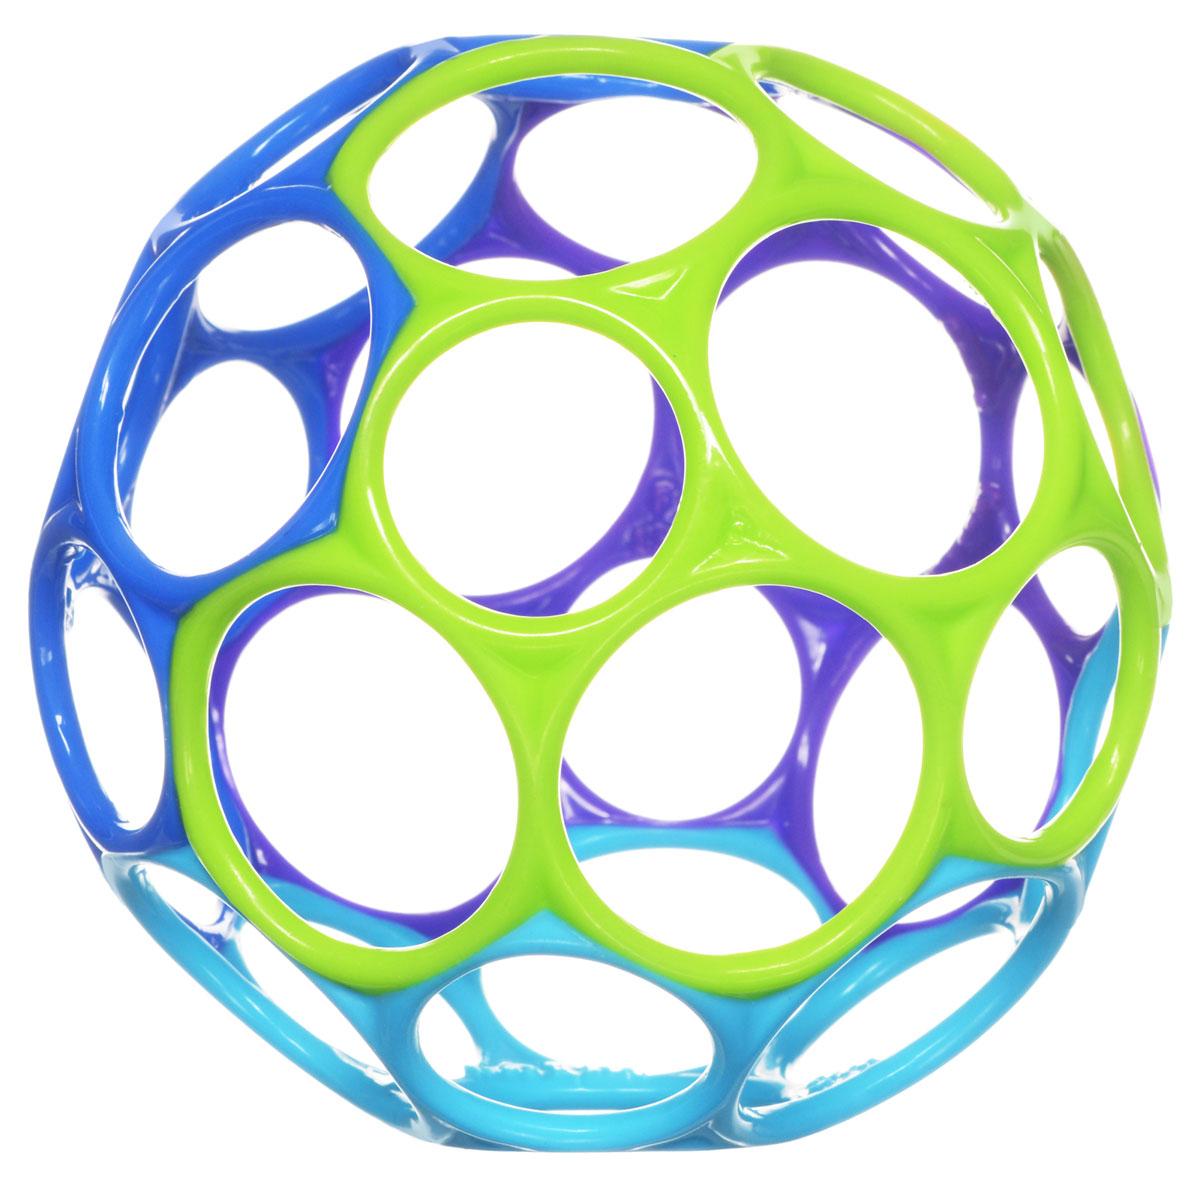 Развивающая игрушка Oball 81024_фиолетовый, синий, голубой, салатовый